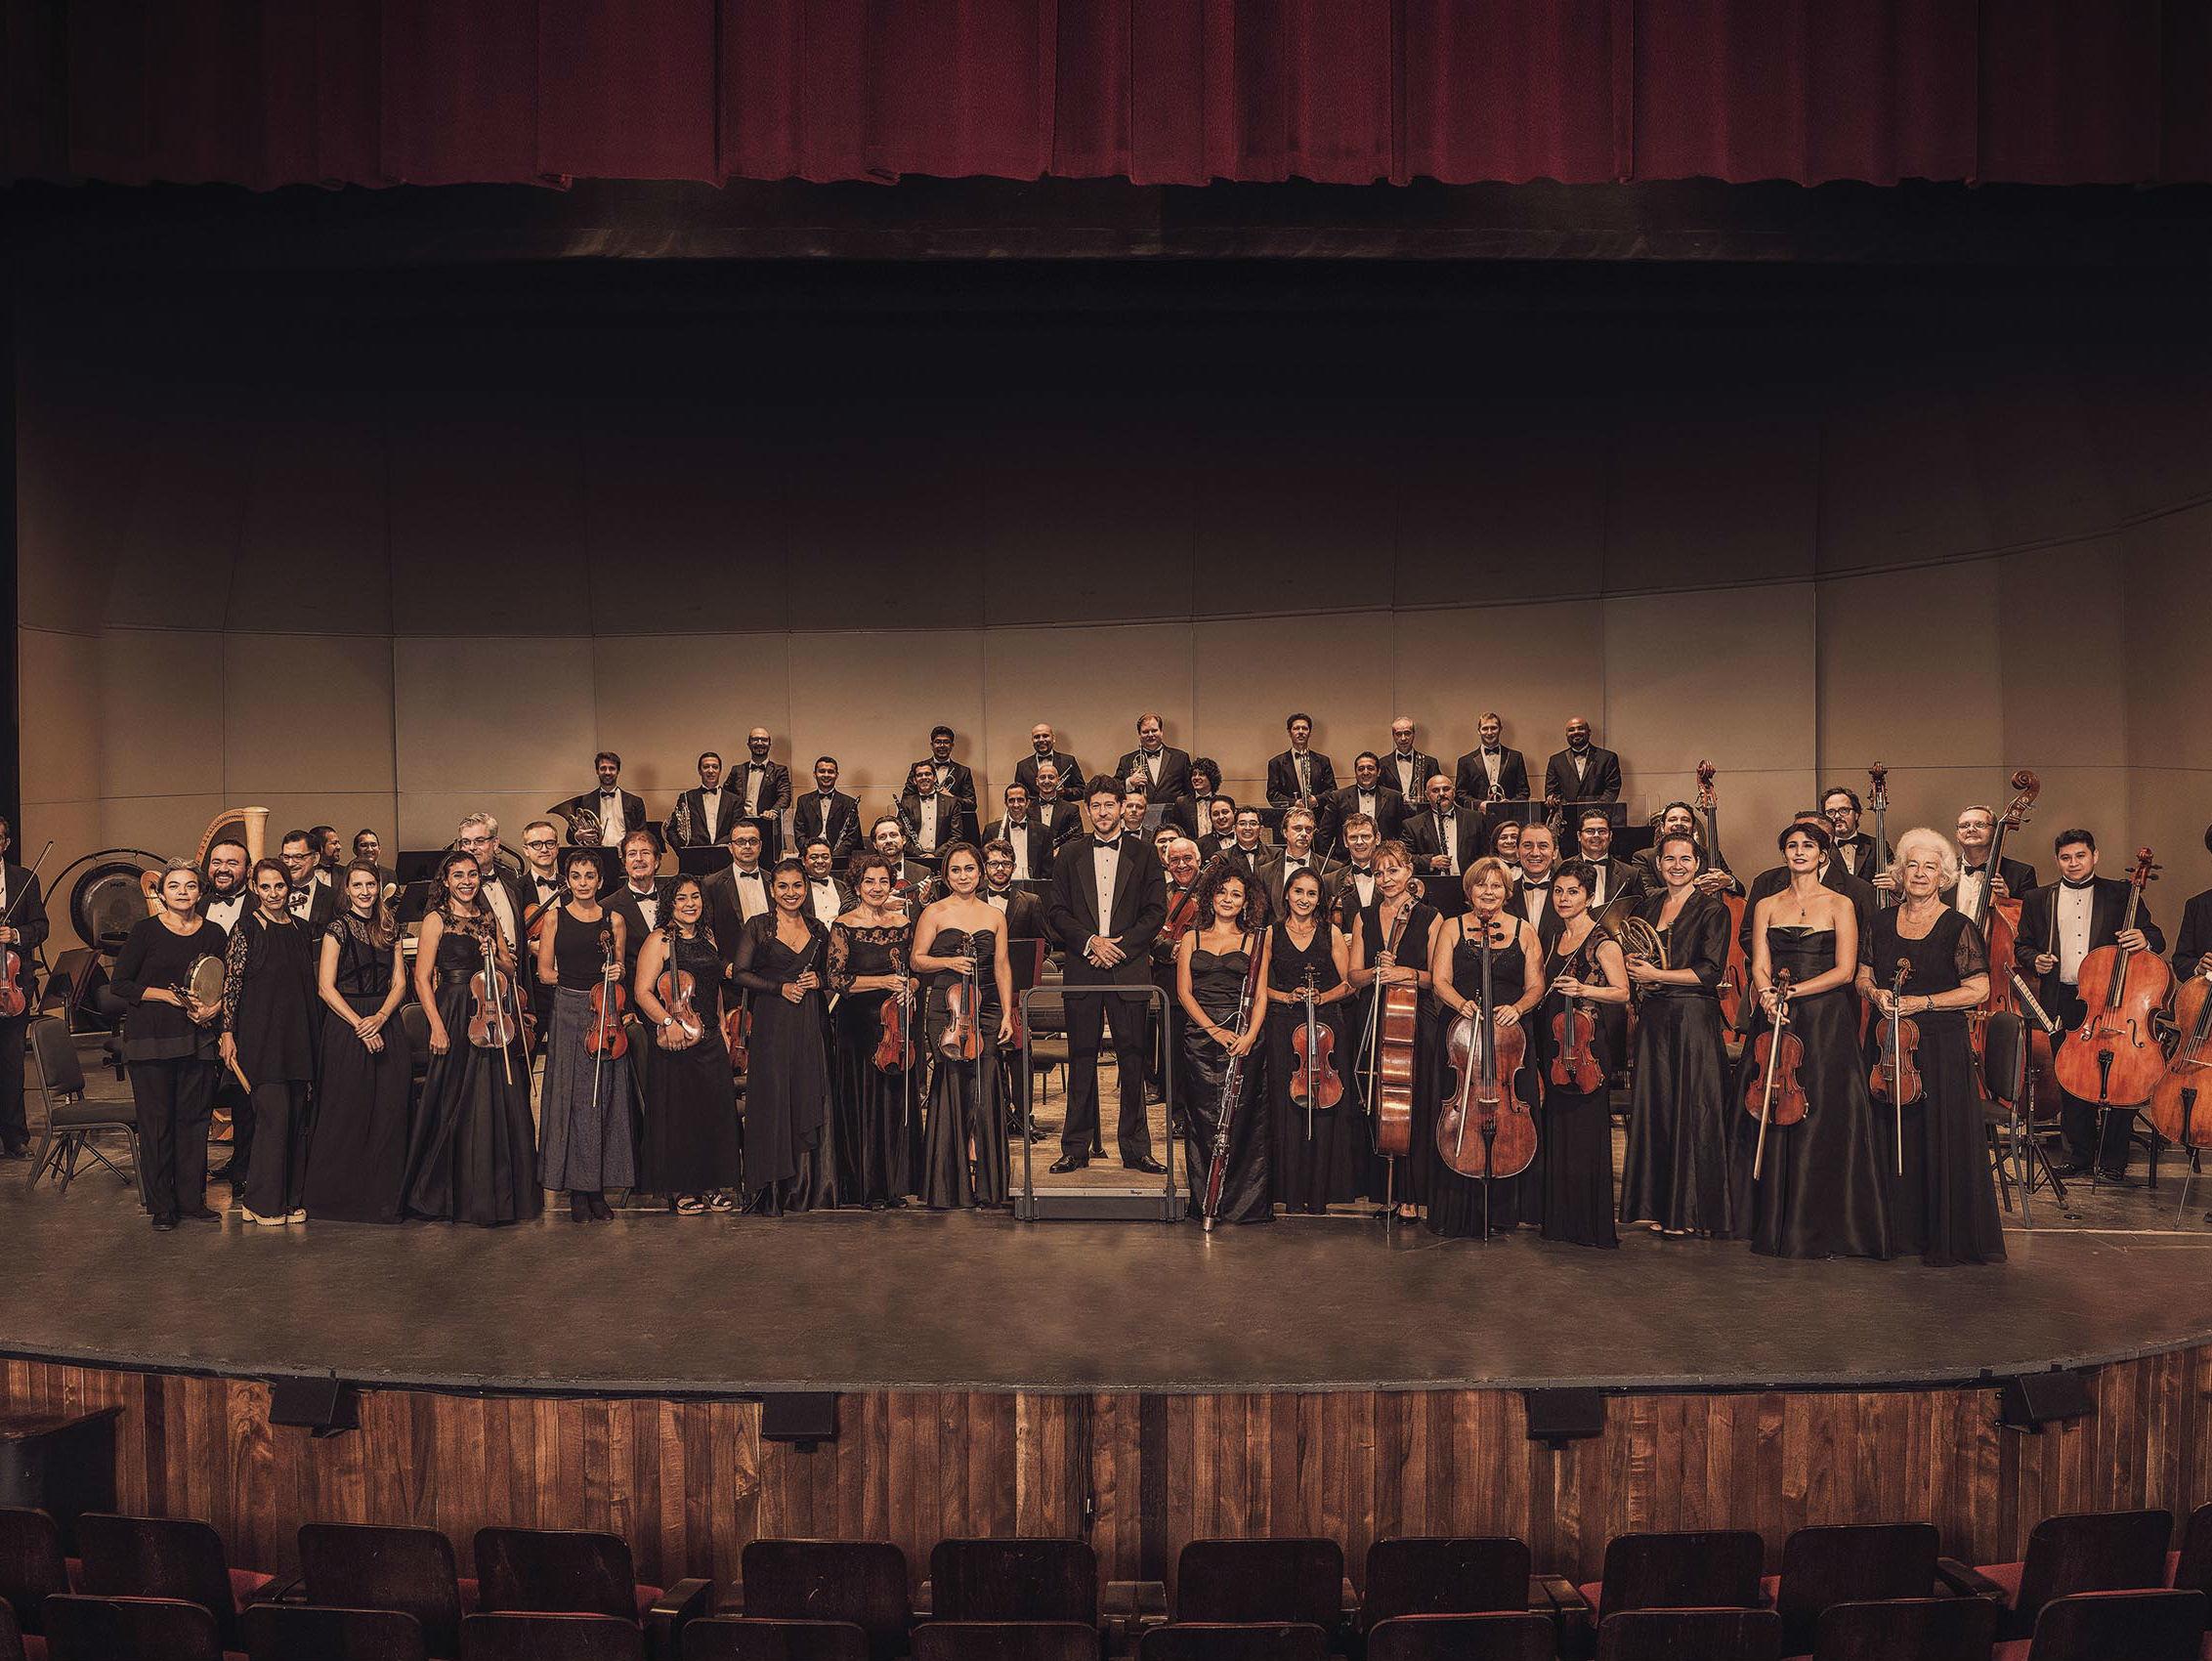 Orquesta Sinfónica de Yucatán